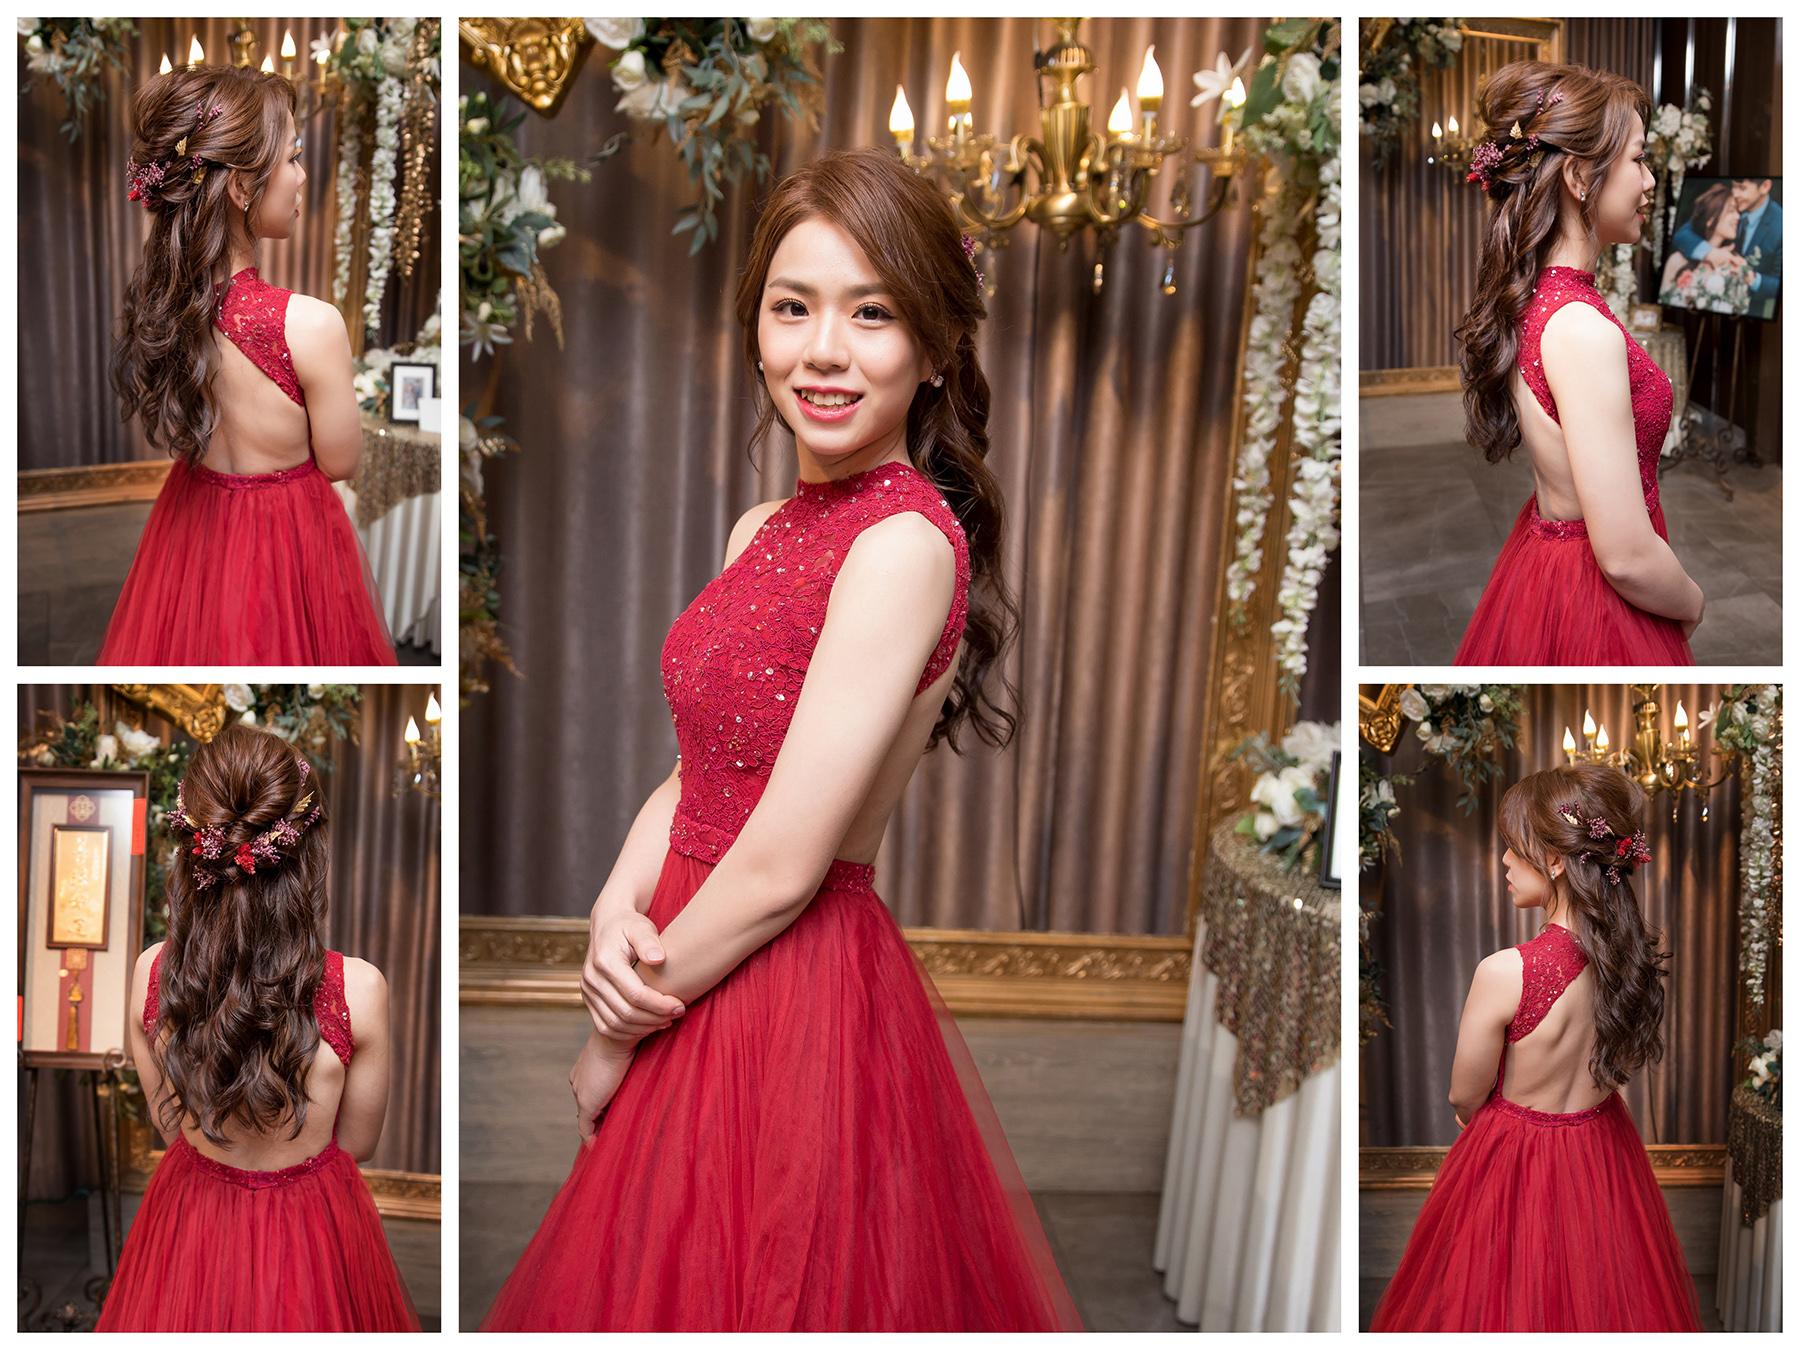 新秘Yuki, 新娘秘書, 新秘, 新娘造型, 紅色禮服造型, 新秘推薦, 新娘妝容, 高雄新秘, 盤髮造型